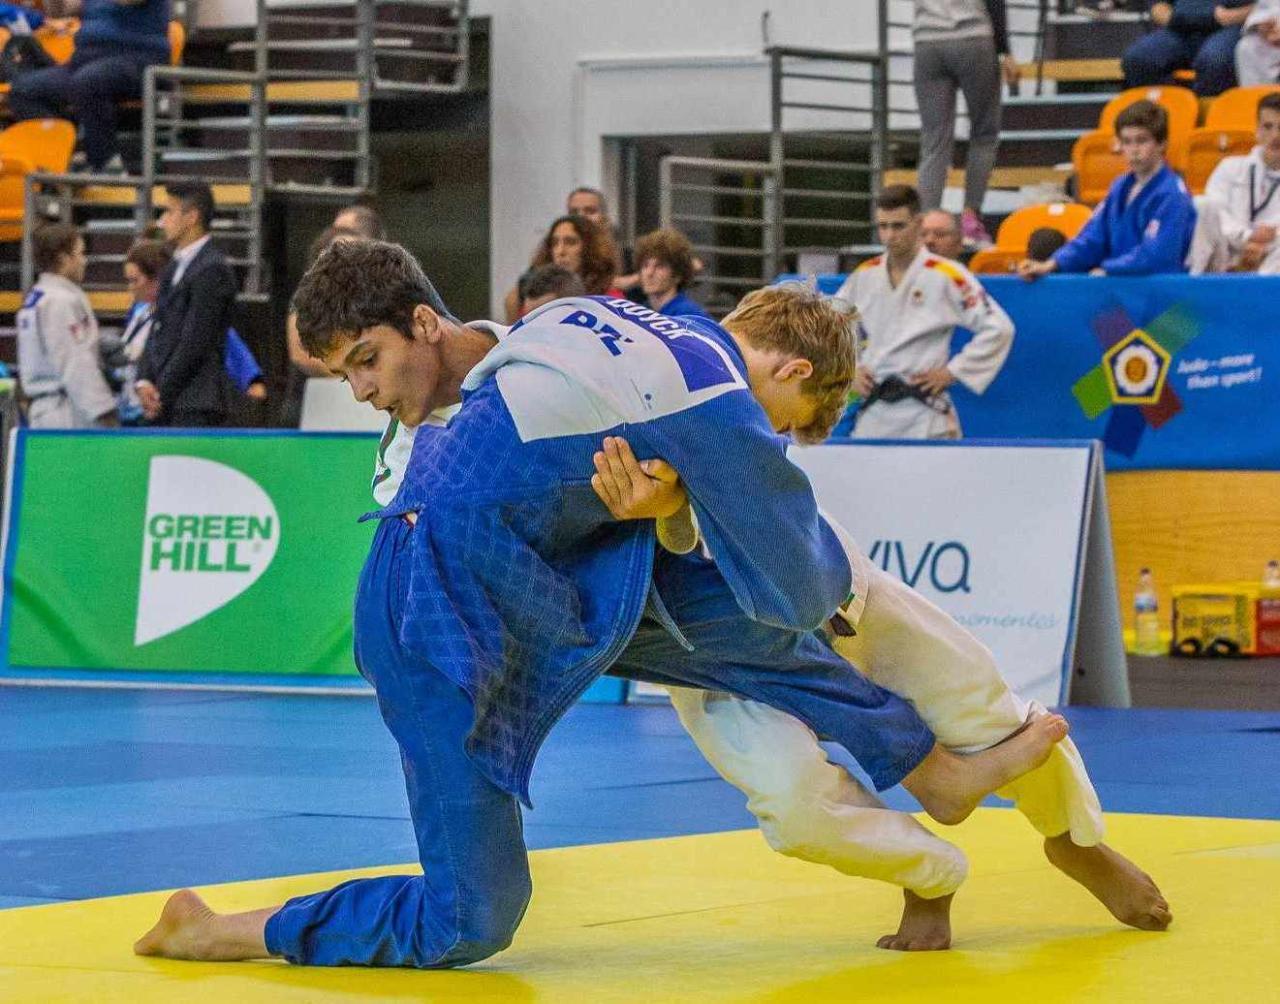 Olimpiadada Azərbaycan ilk medalını qazandı